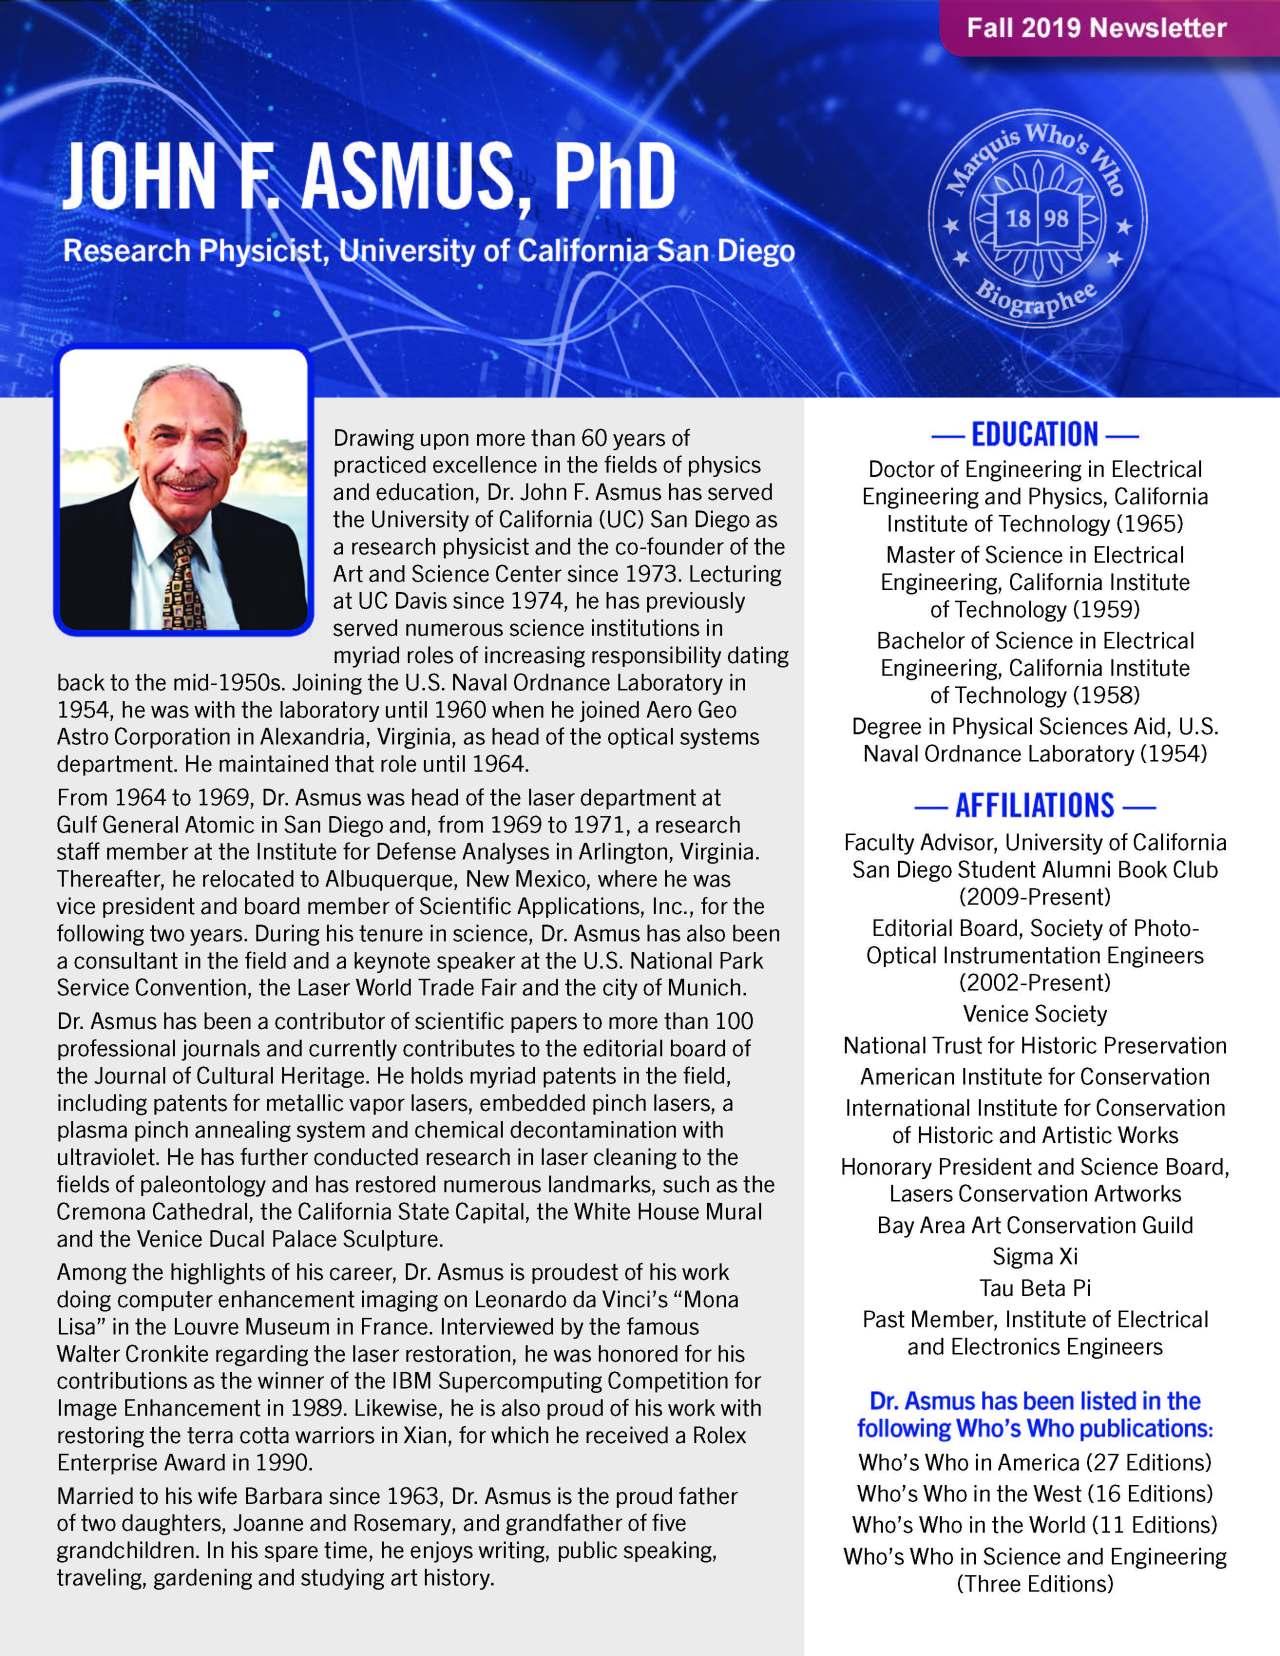 Asmus, John 4488204_2232498 Newsletter